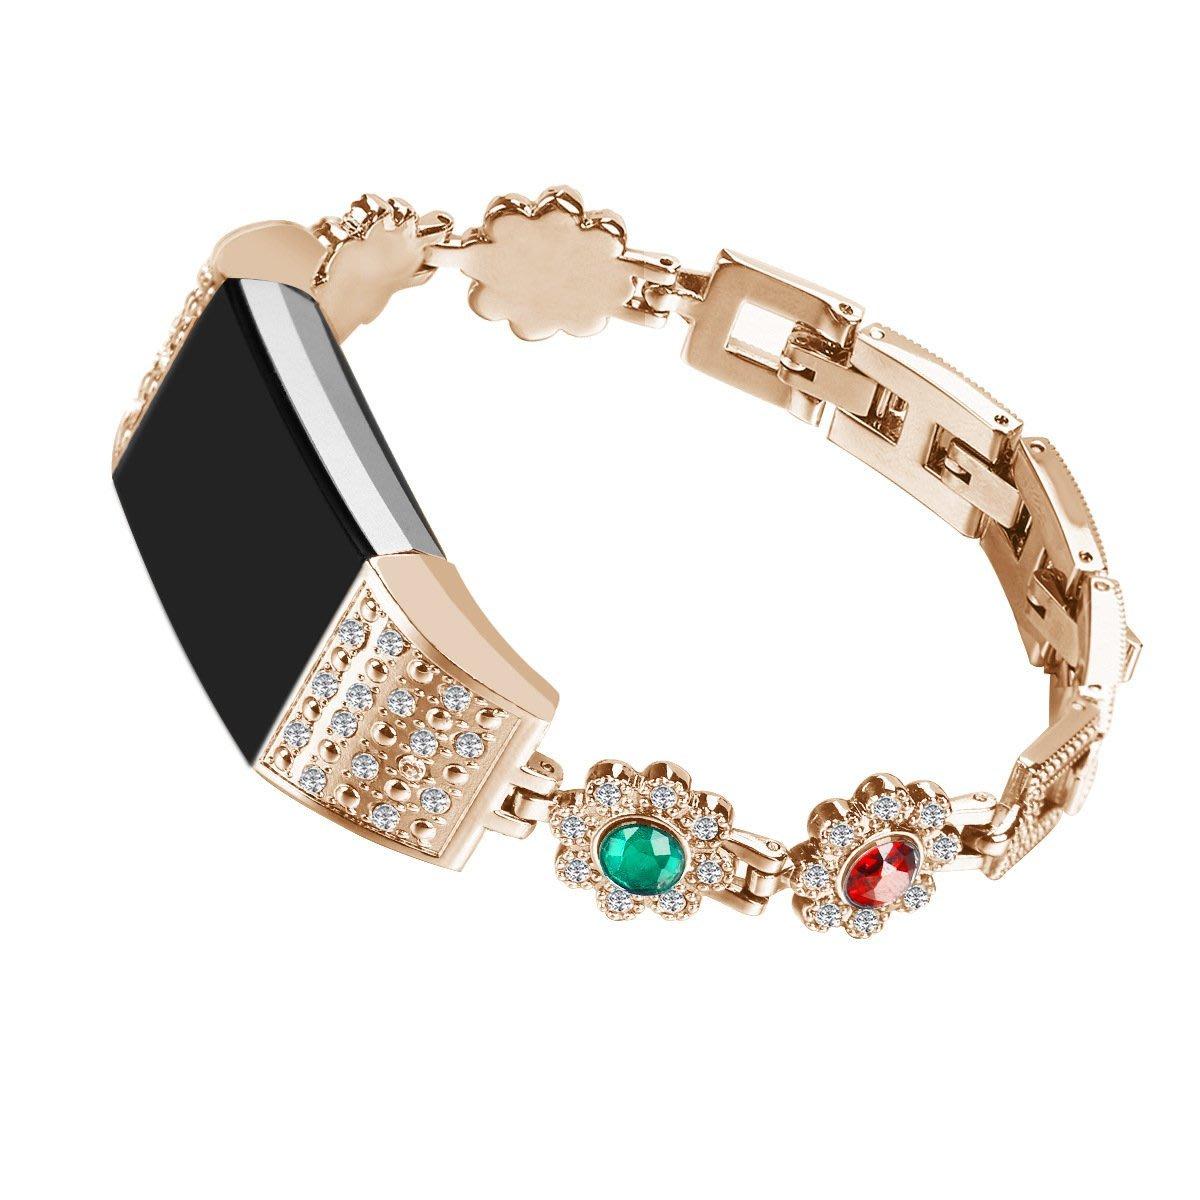 丁丁 新款女式氣質鑲鑽鏤空 fitbit charge 2 鏈式 智能替換手環 錶帶 鋁合金材質 玫瑰金 氣質銀